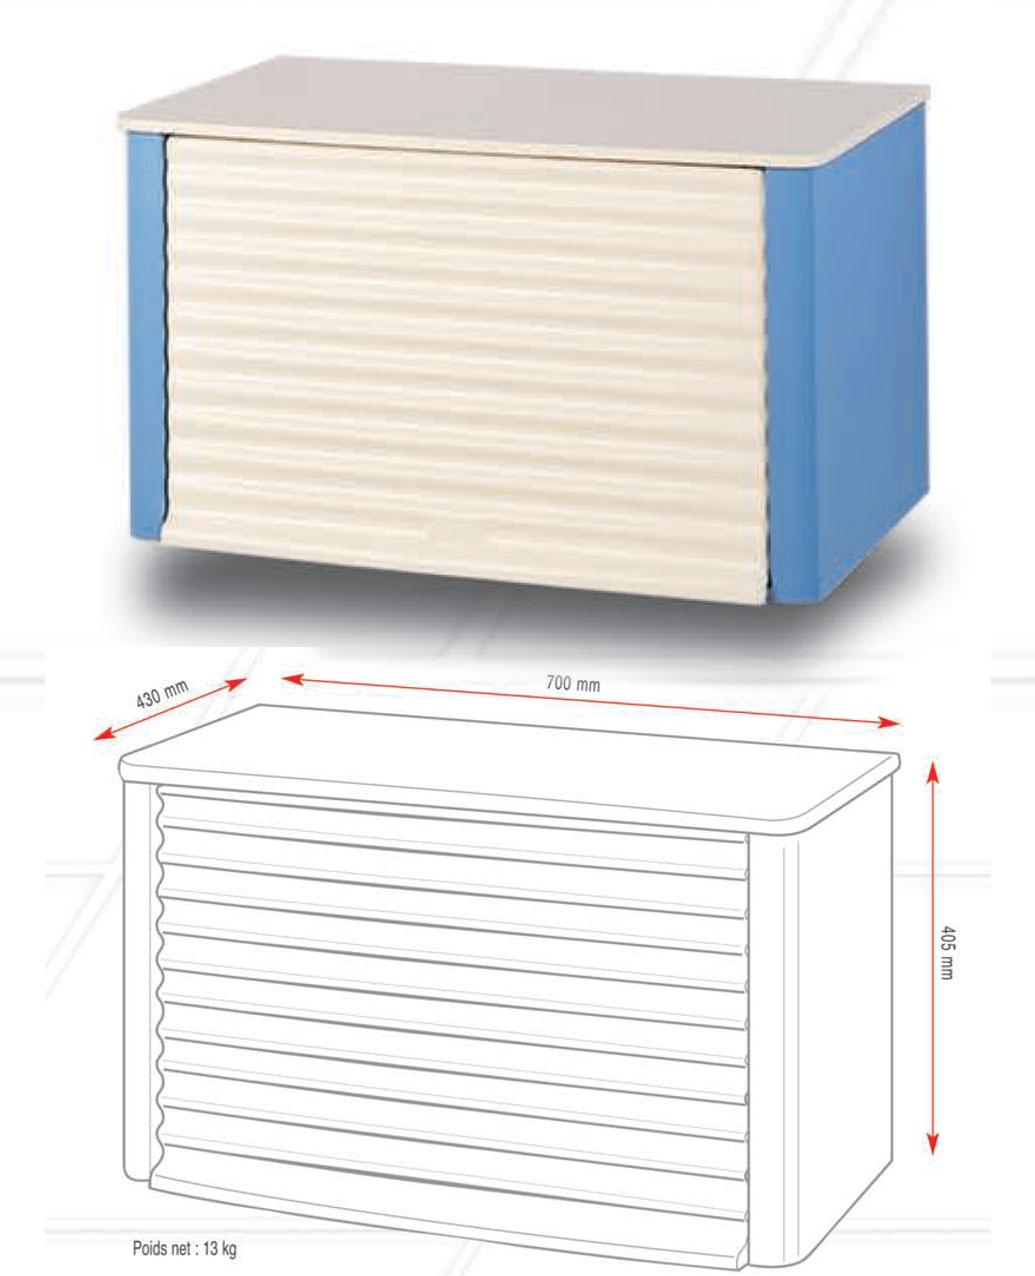 delta scientifique m dical distribution mat riel m dical equipements hospitaliers mobilier. Black Bedroom Furniture Sets. Home Design Ideas